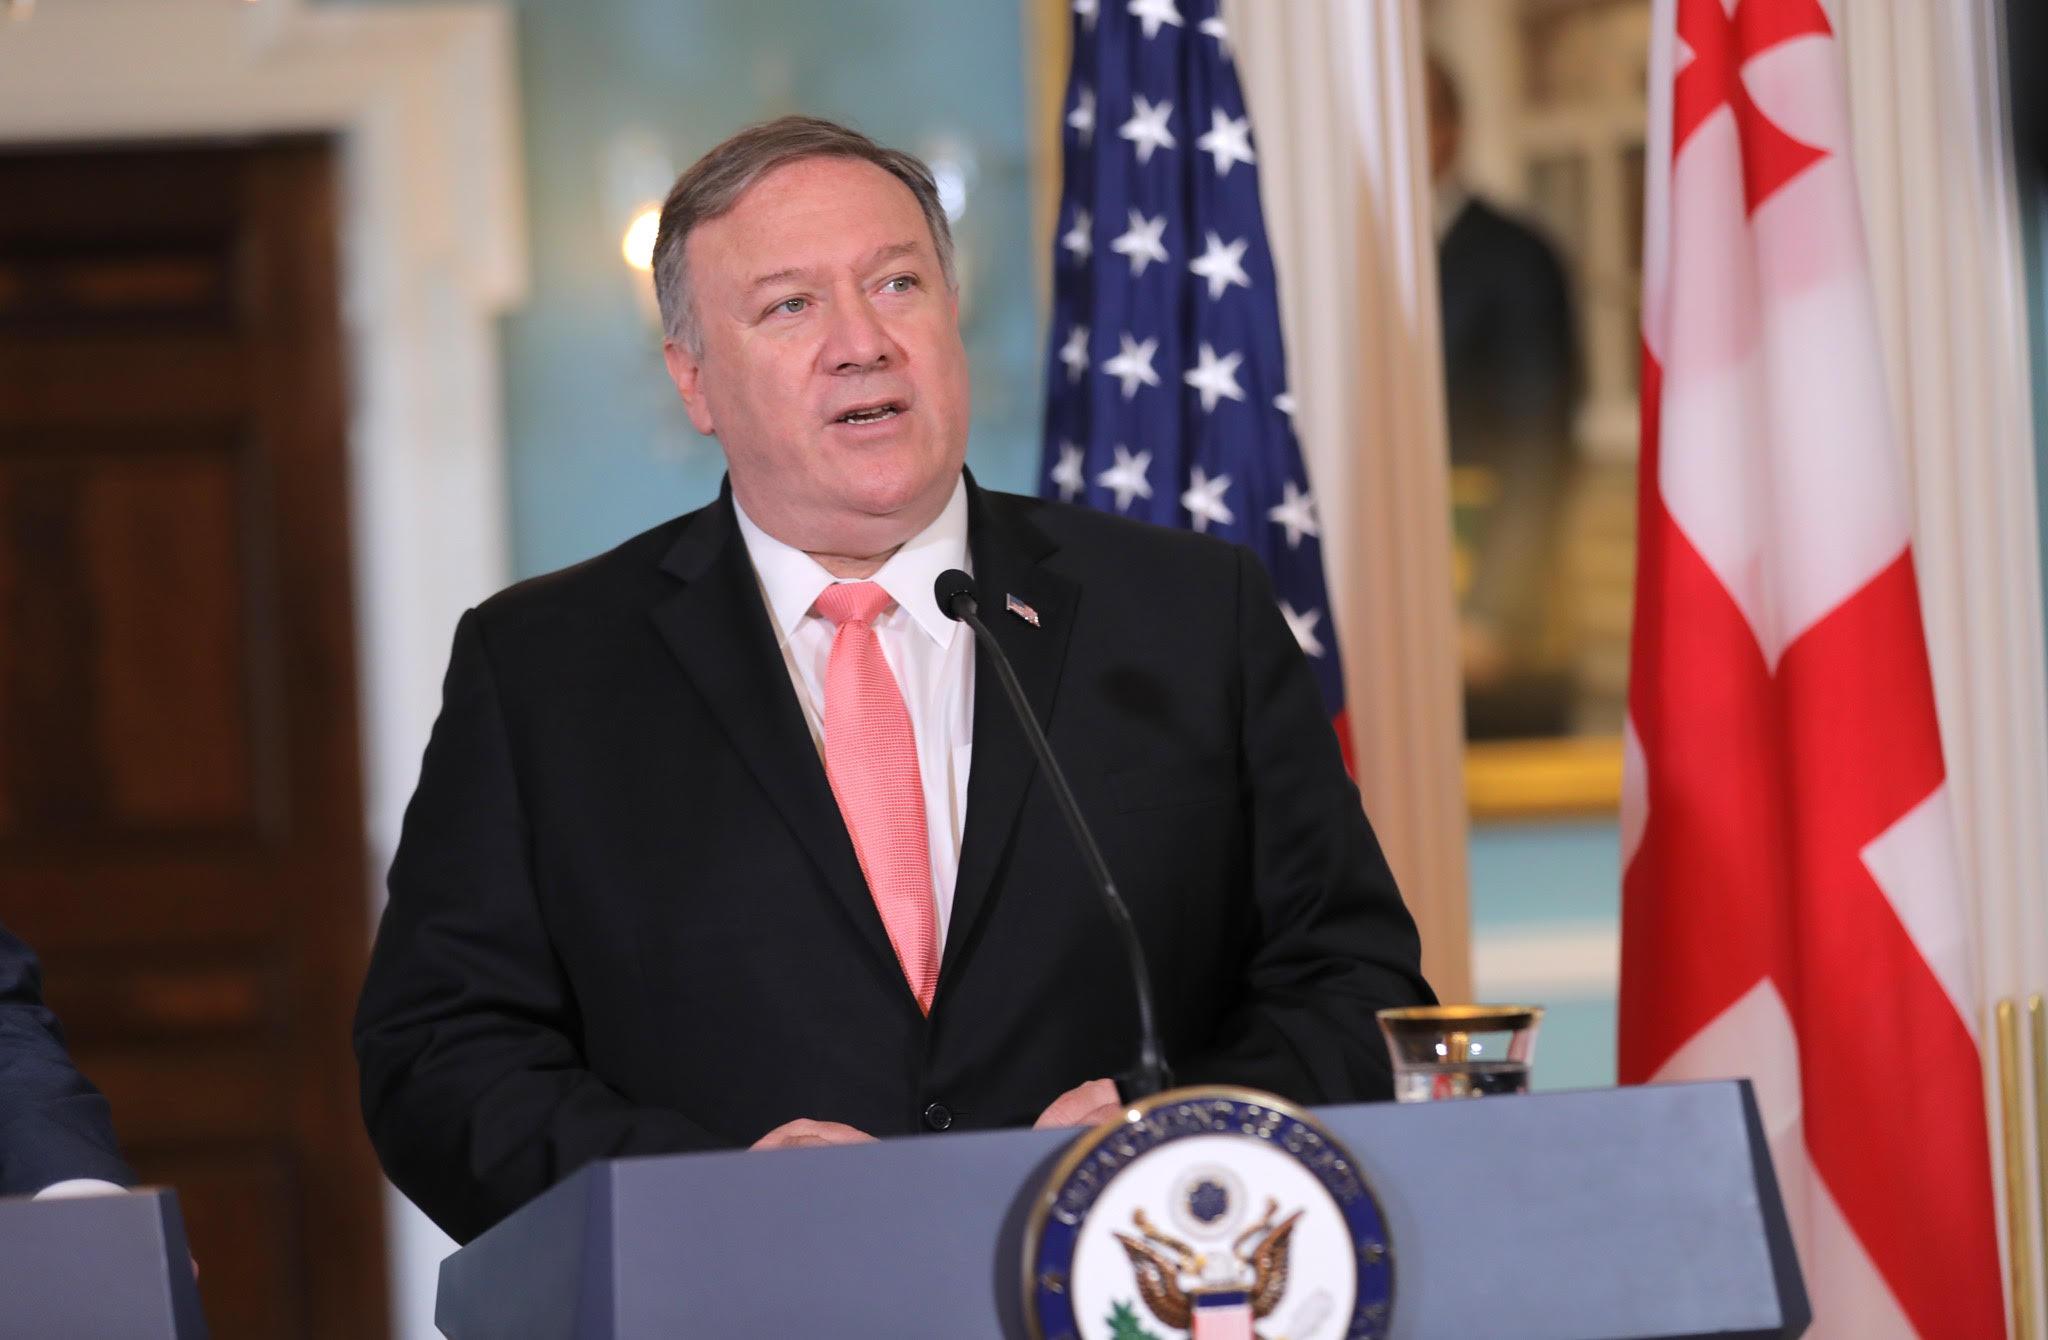 მაიკლ პომპეო: საქართველო საერთაშორისო ტურიზმის დანიშნულების ცენტრი, აშშ-ის სტრატეგიული პარტნიორი და გლობალური უსაფრთხოების ძალისხმევის მონაწილეა